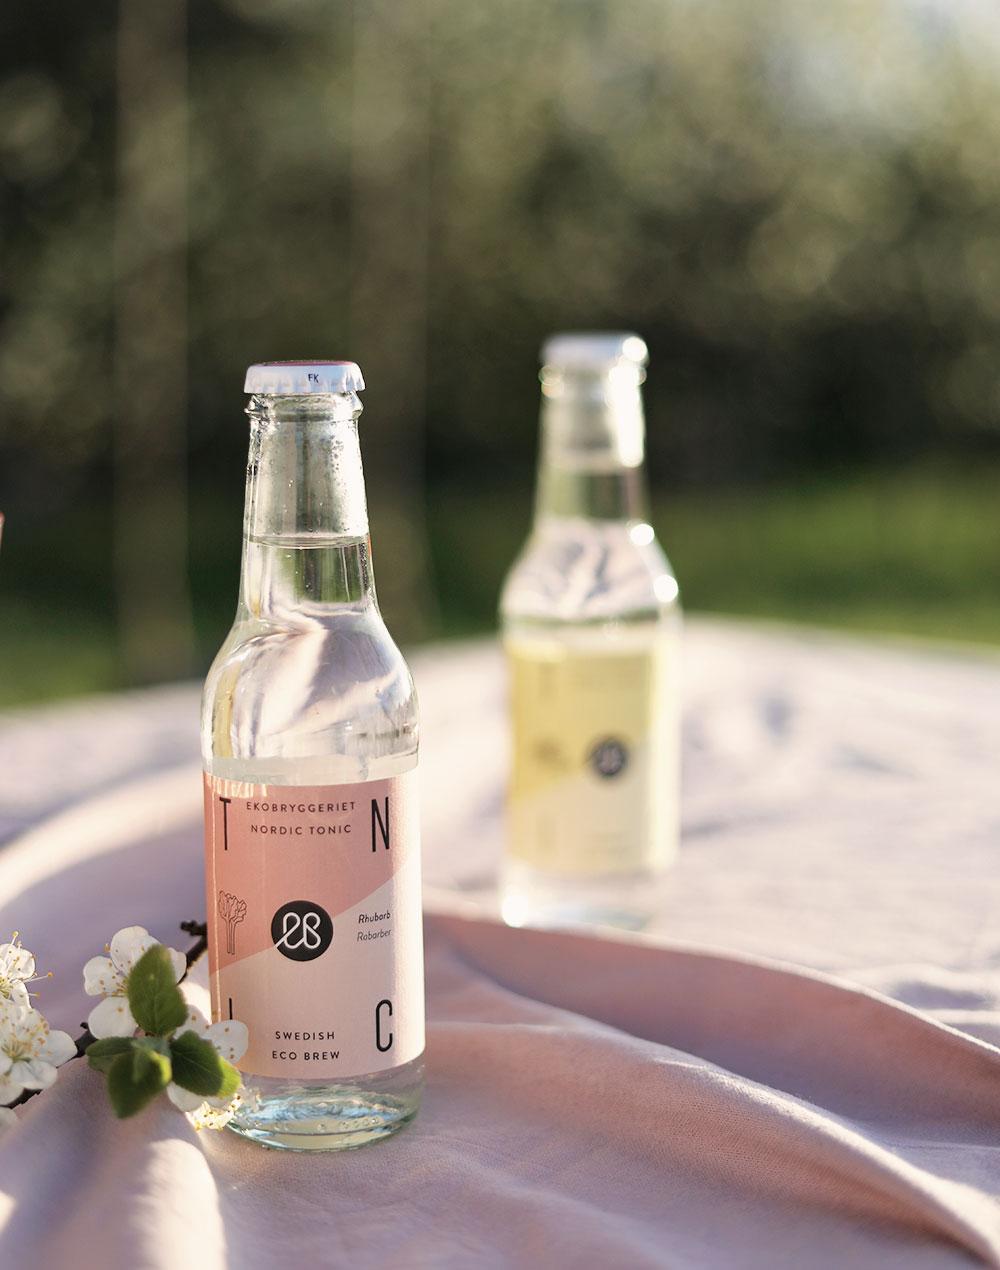 ekobryggeriet ekologisk drink ekologiska drinkar bär sommardrinkarl torp gotland trädgård blommor